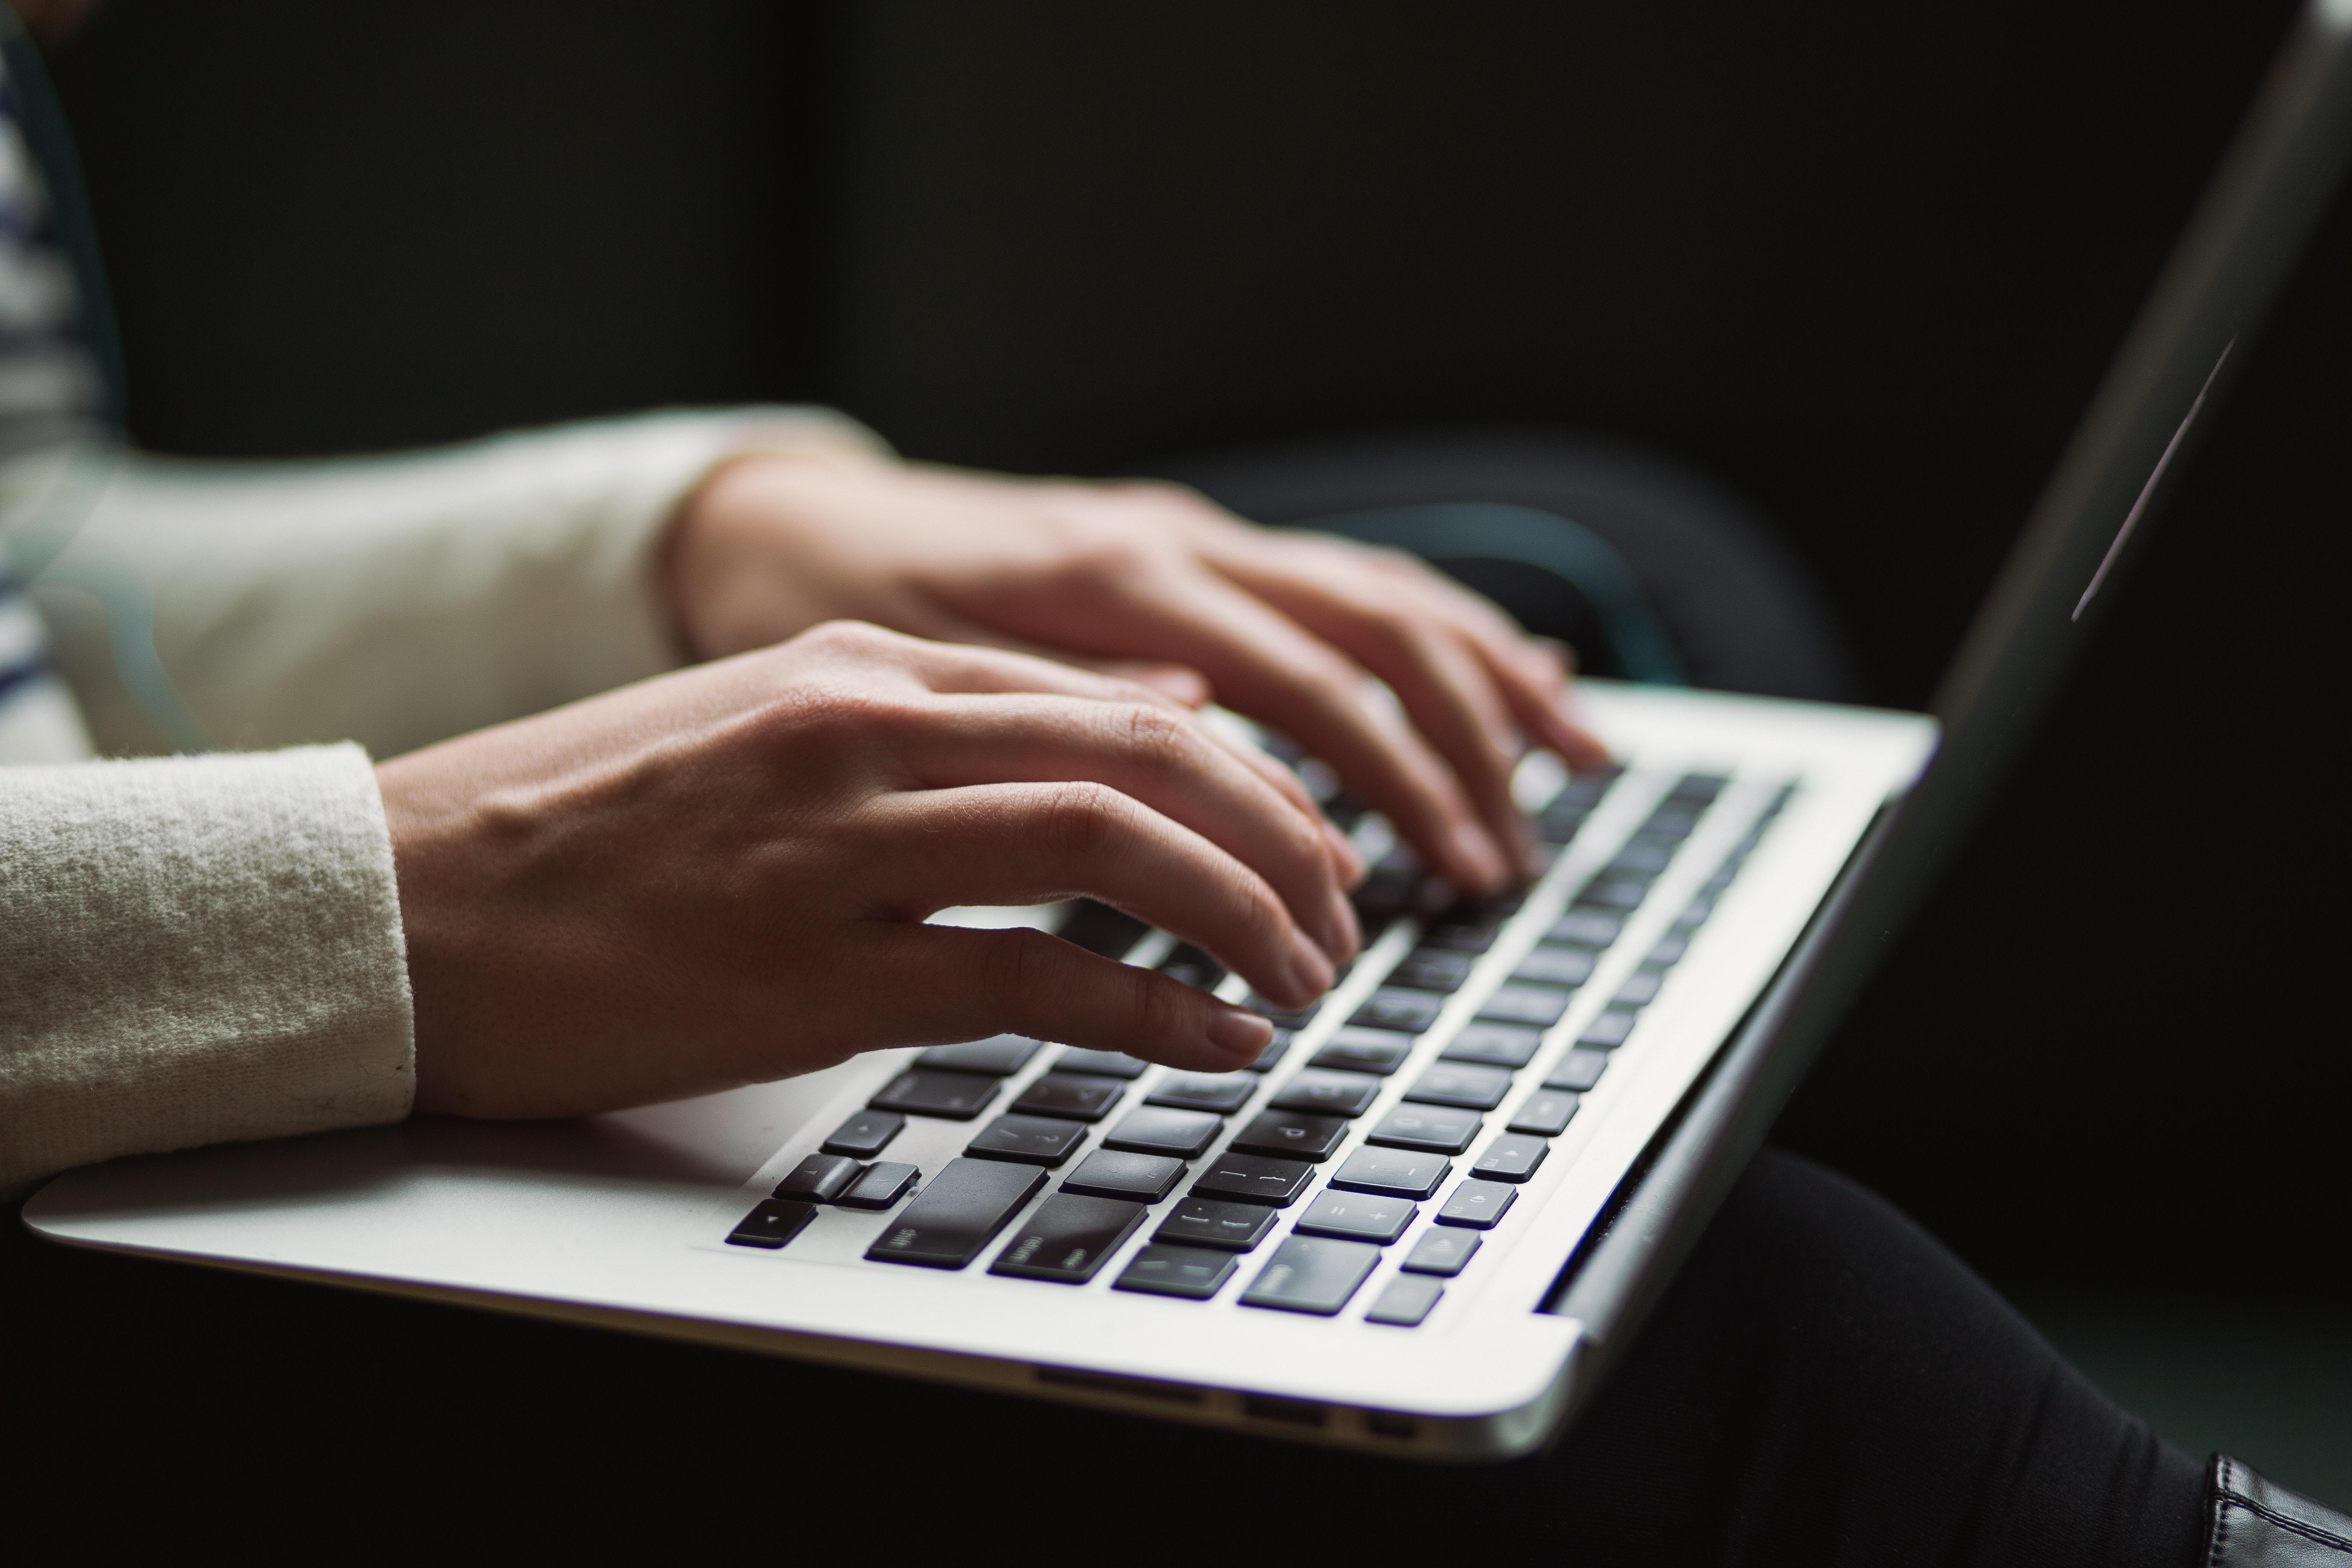 【タイムマネジメント】上手な24時間の使い方を知って、作業効率を上げる!